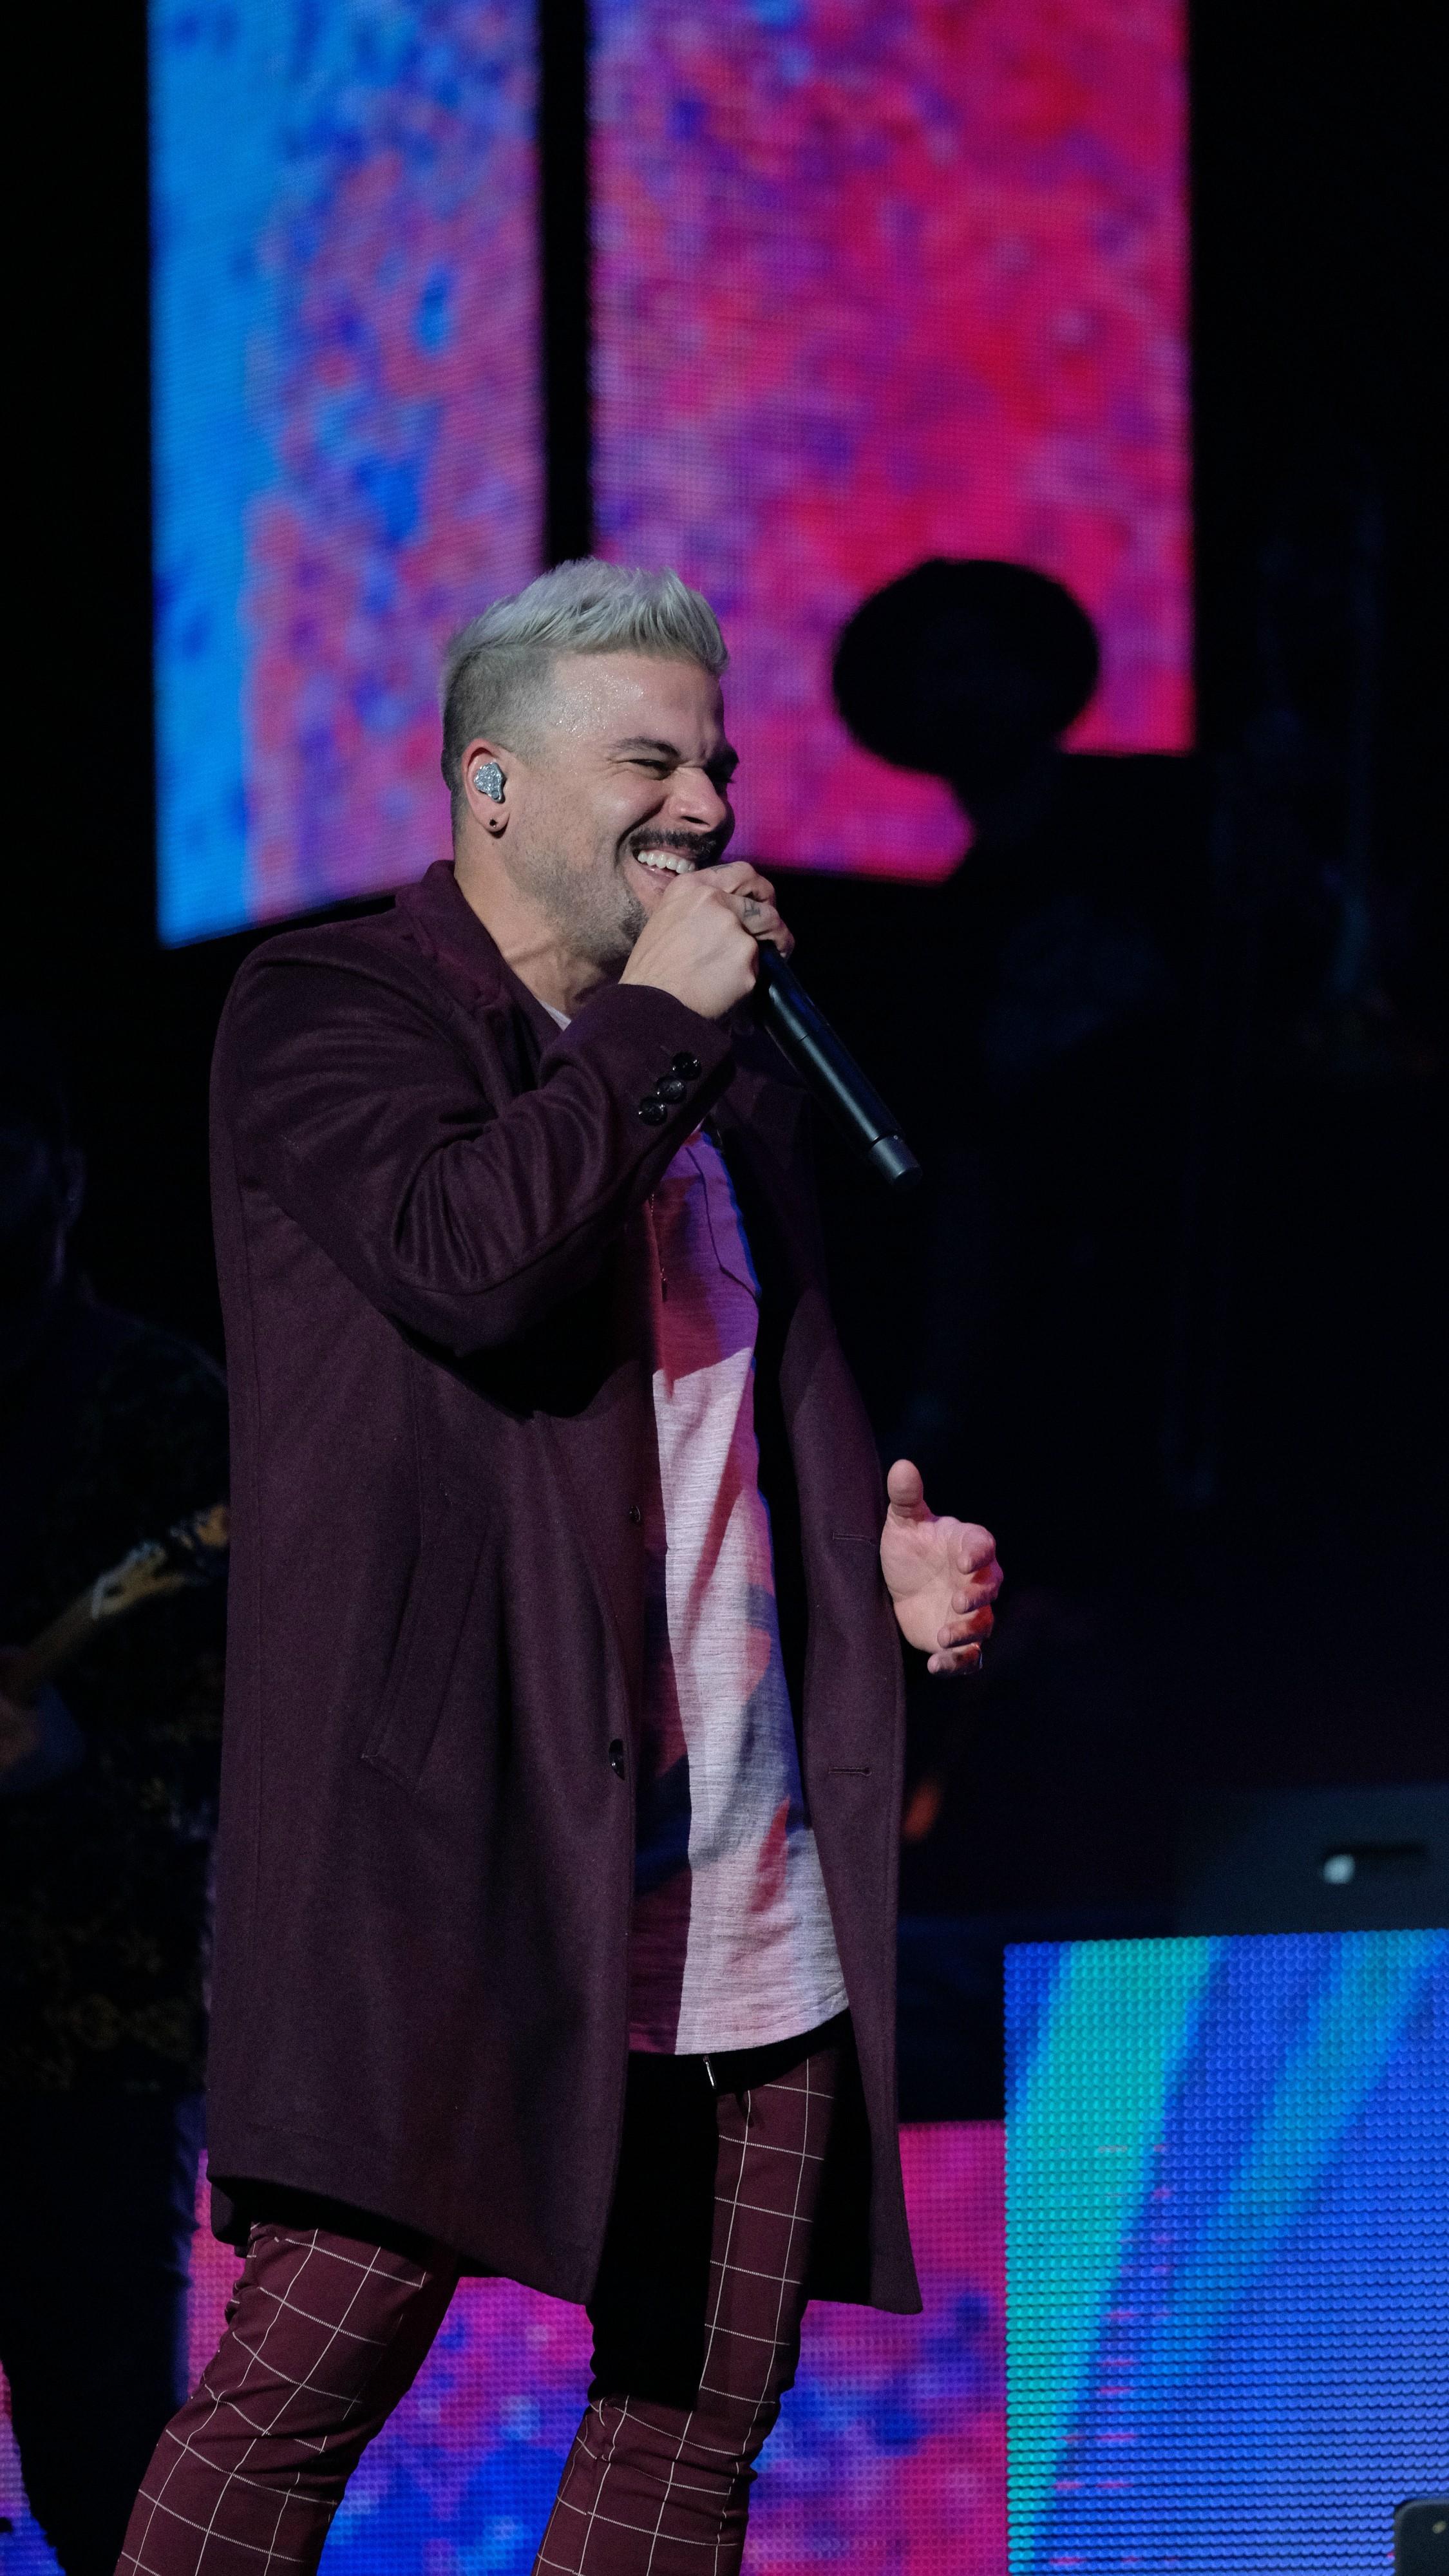 El nominado al Latin Grammy en la categoría de Canción del año lució una chaqueta larga y pantalón color vino con camiseta rosa. (Suministrada)